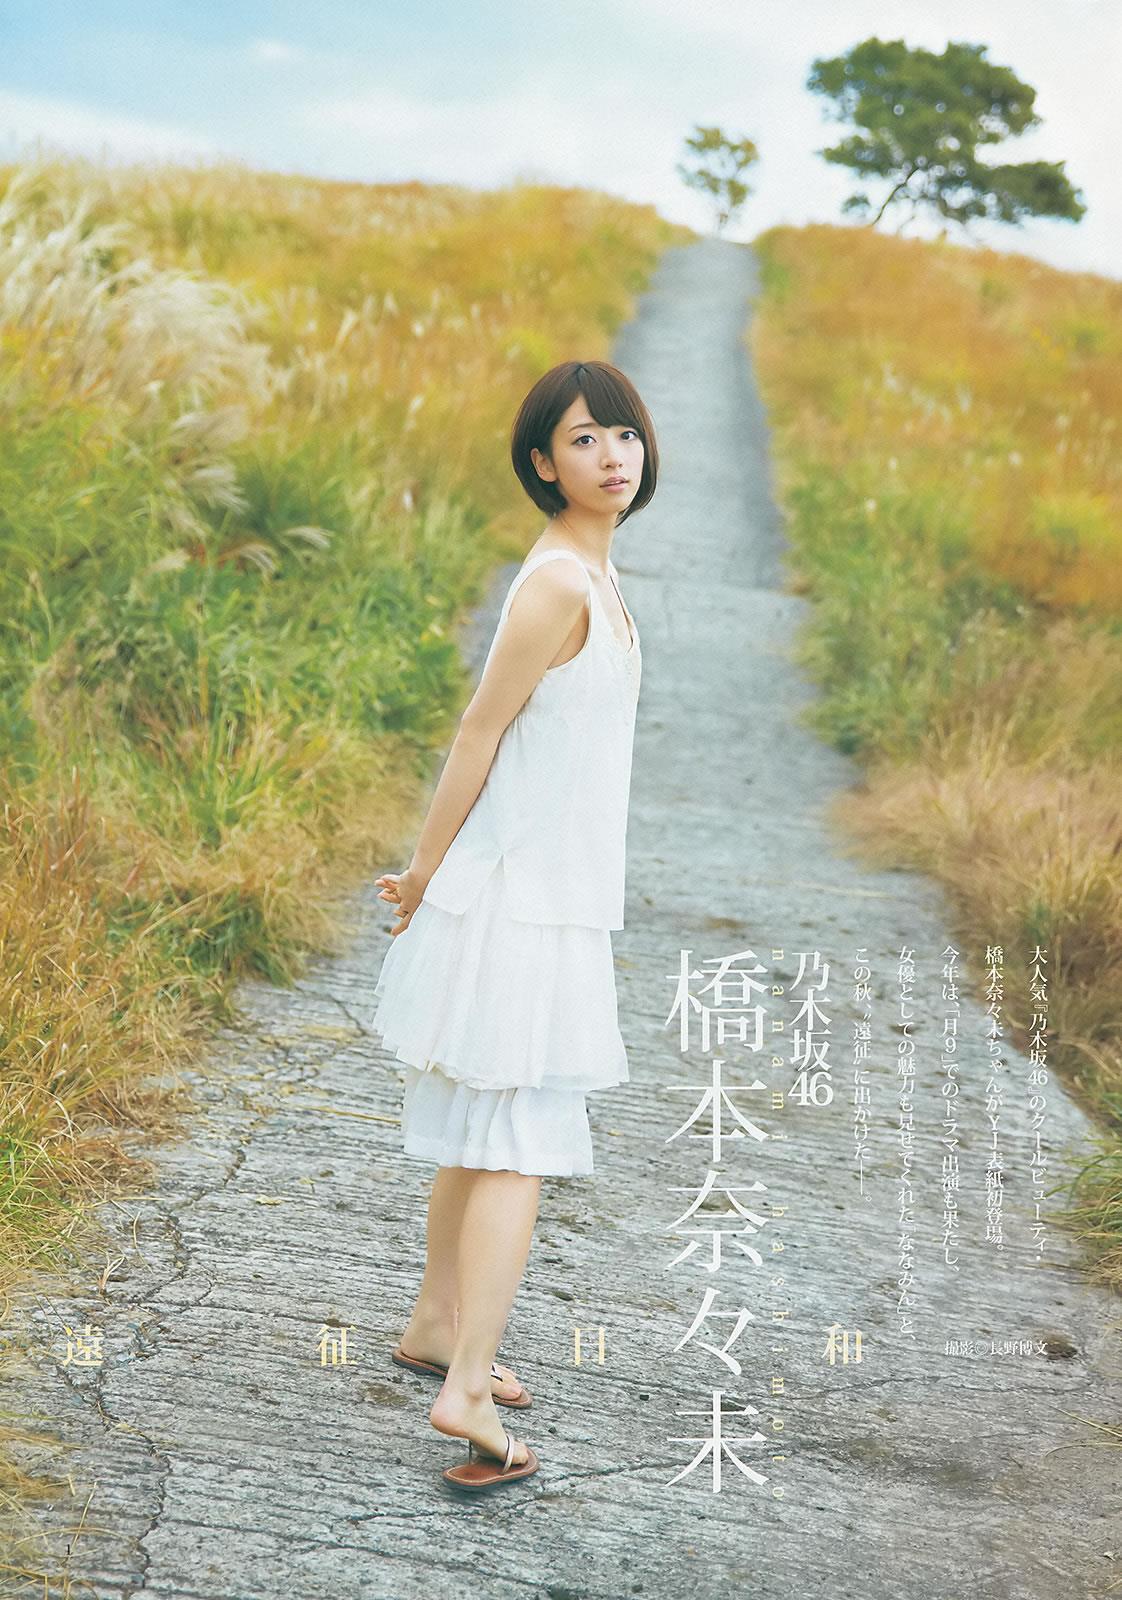 乃木坂46・橋本奈々未 画像 59